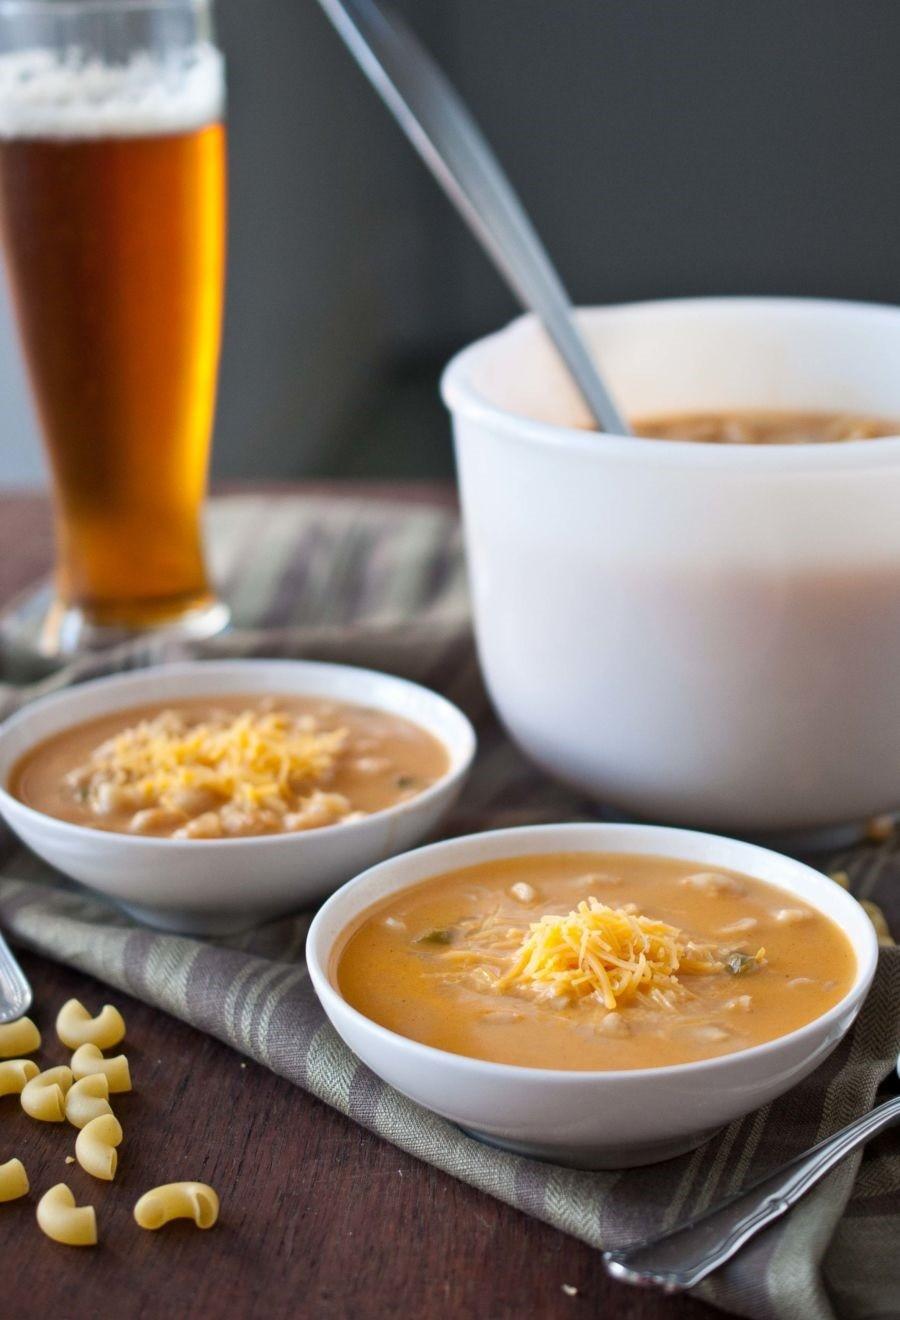 Как приготовить суп из пива в домашних условиях